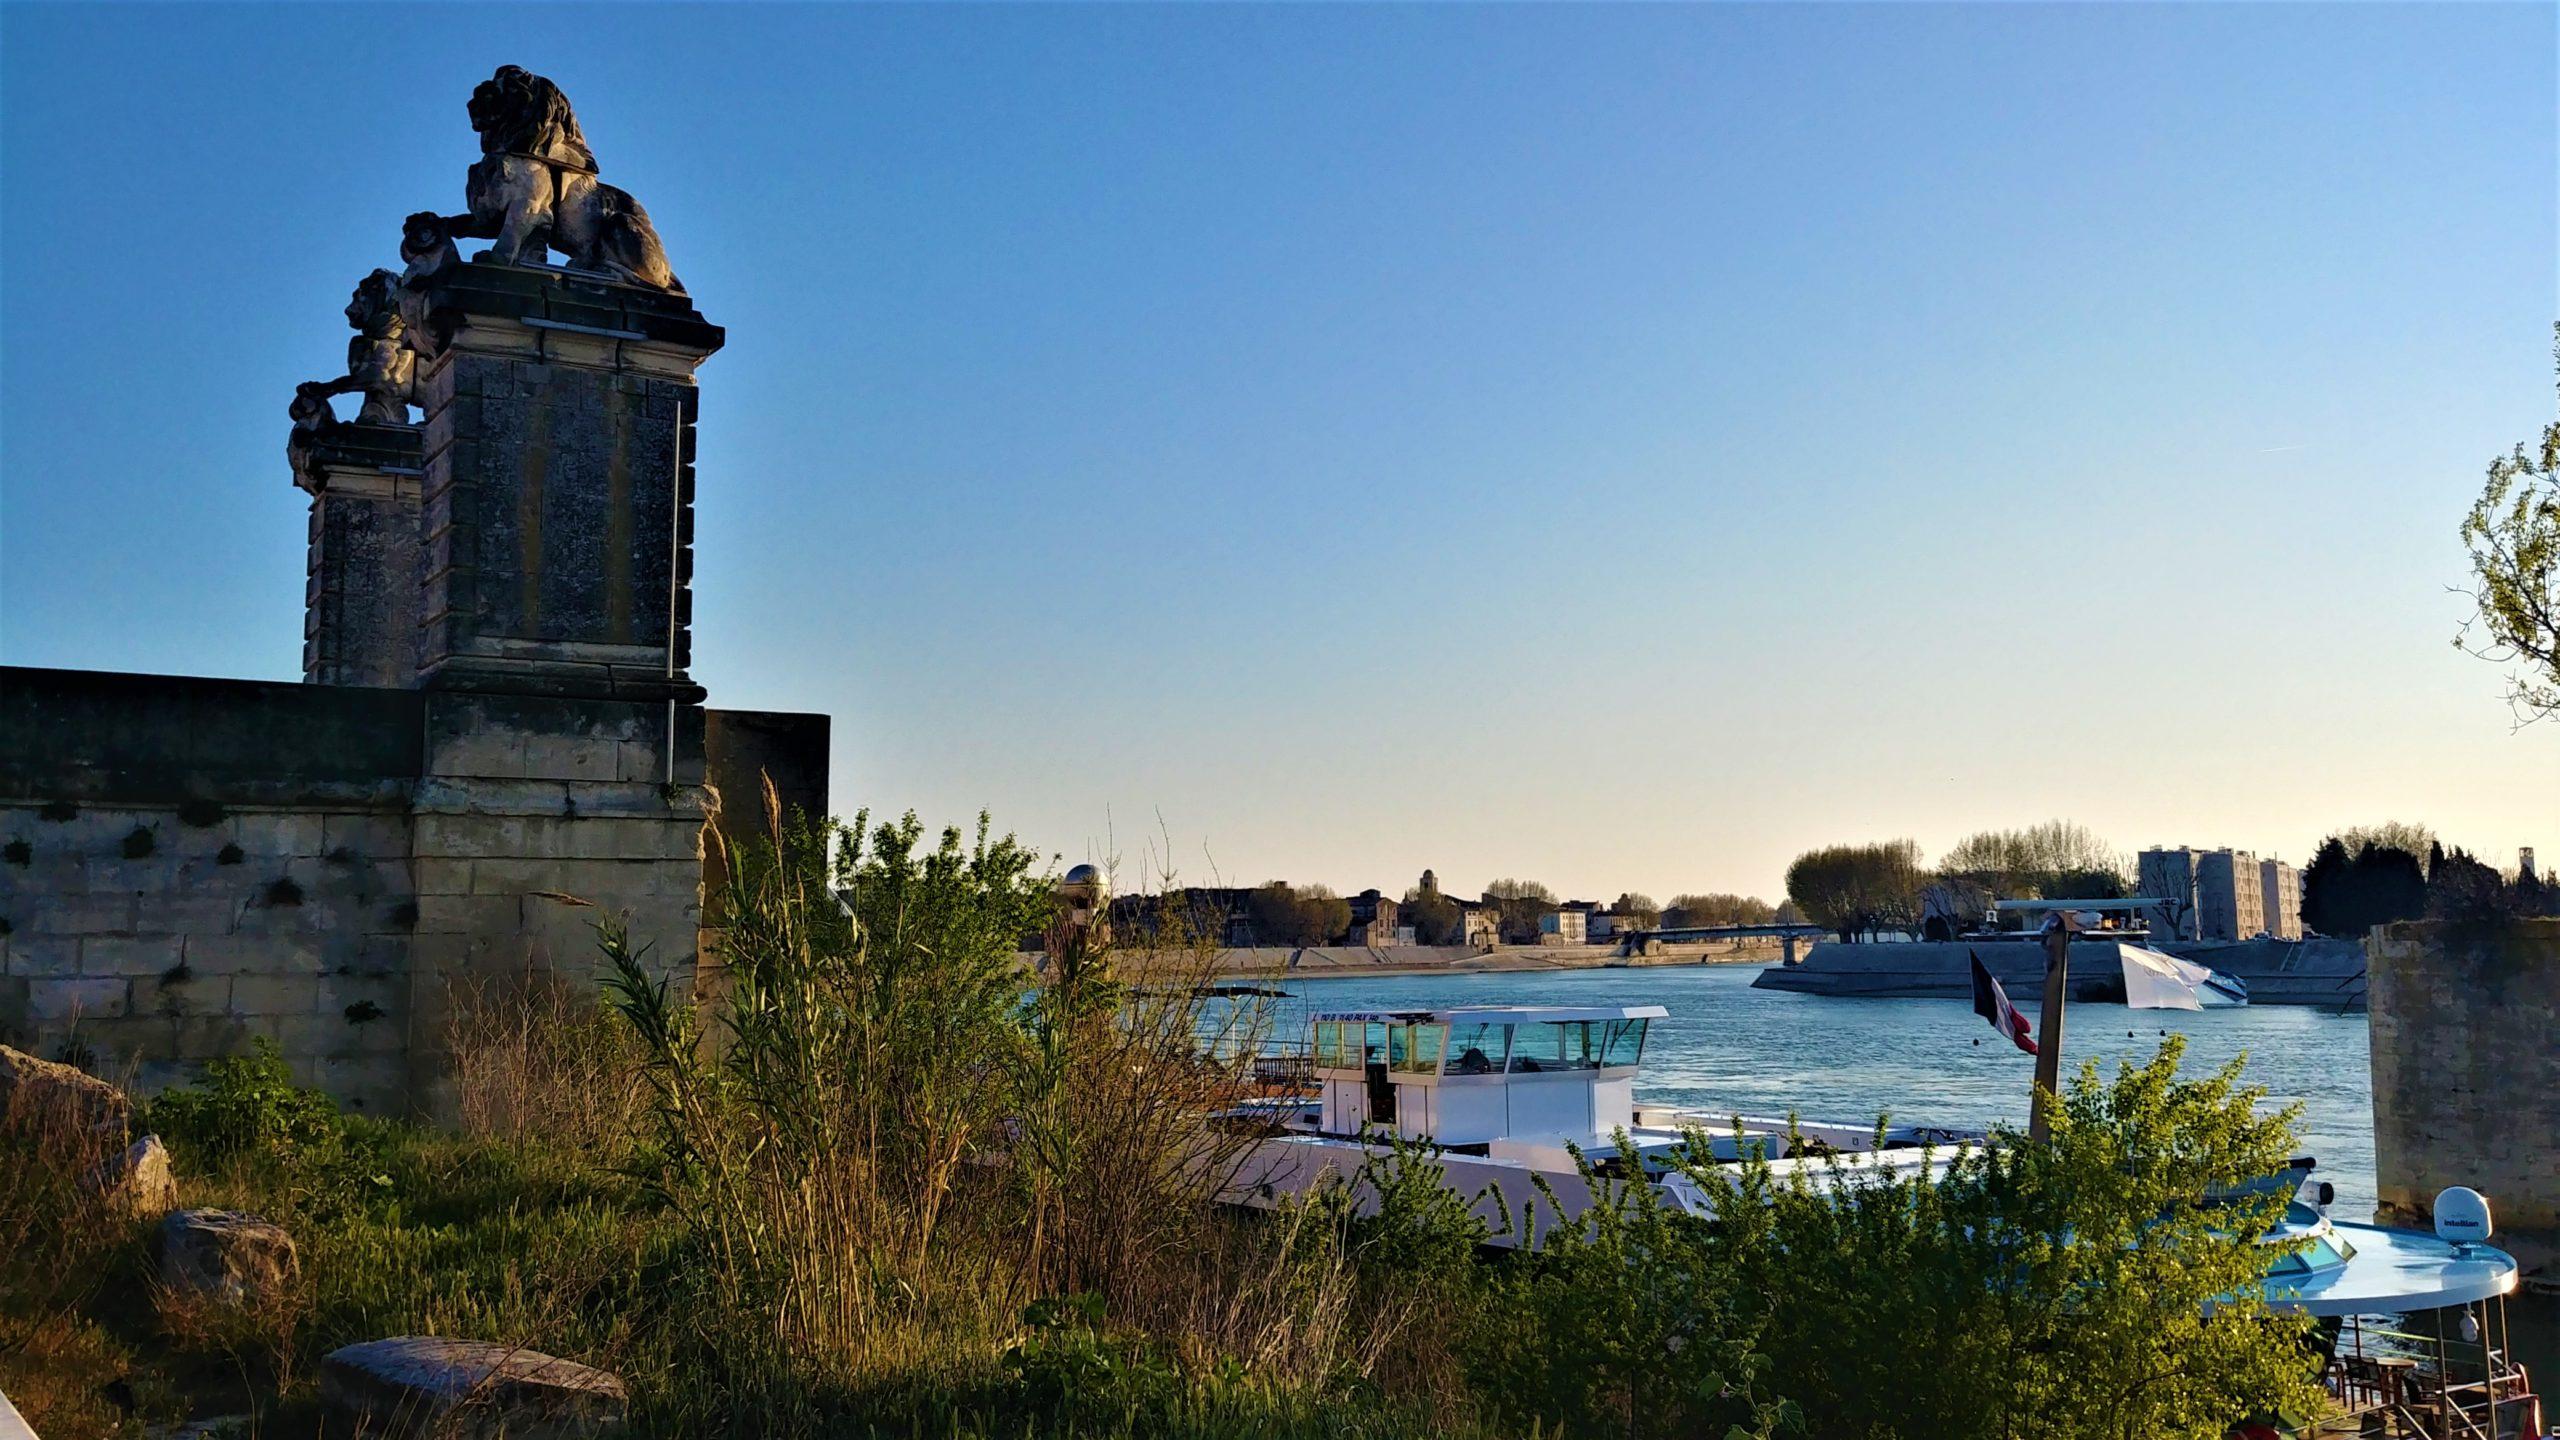 Arles croisière Rhône infos pratiques blog voyage arpenter le chemin